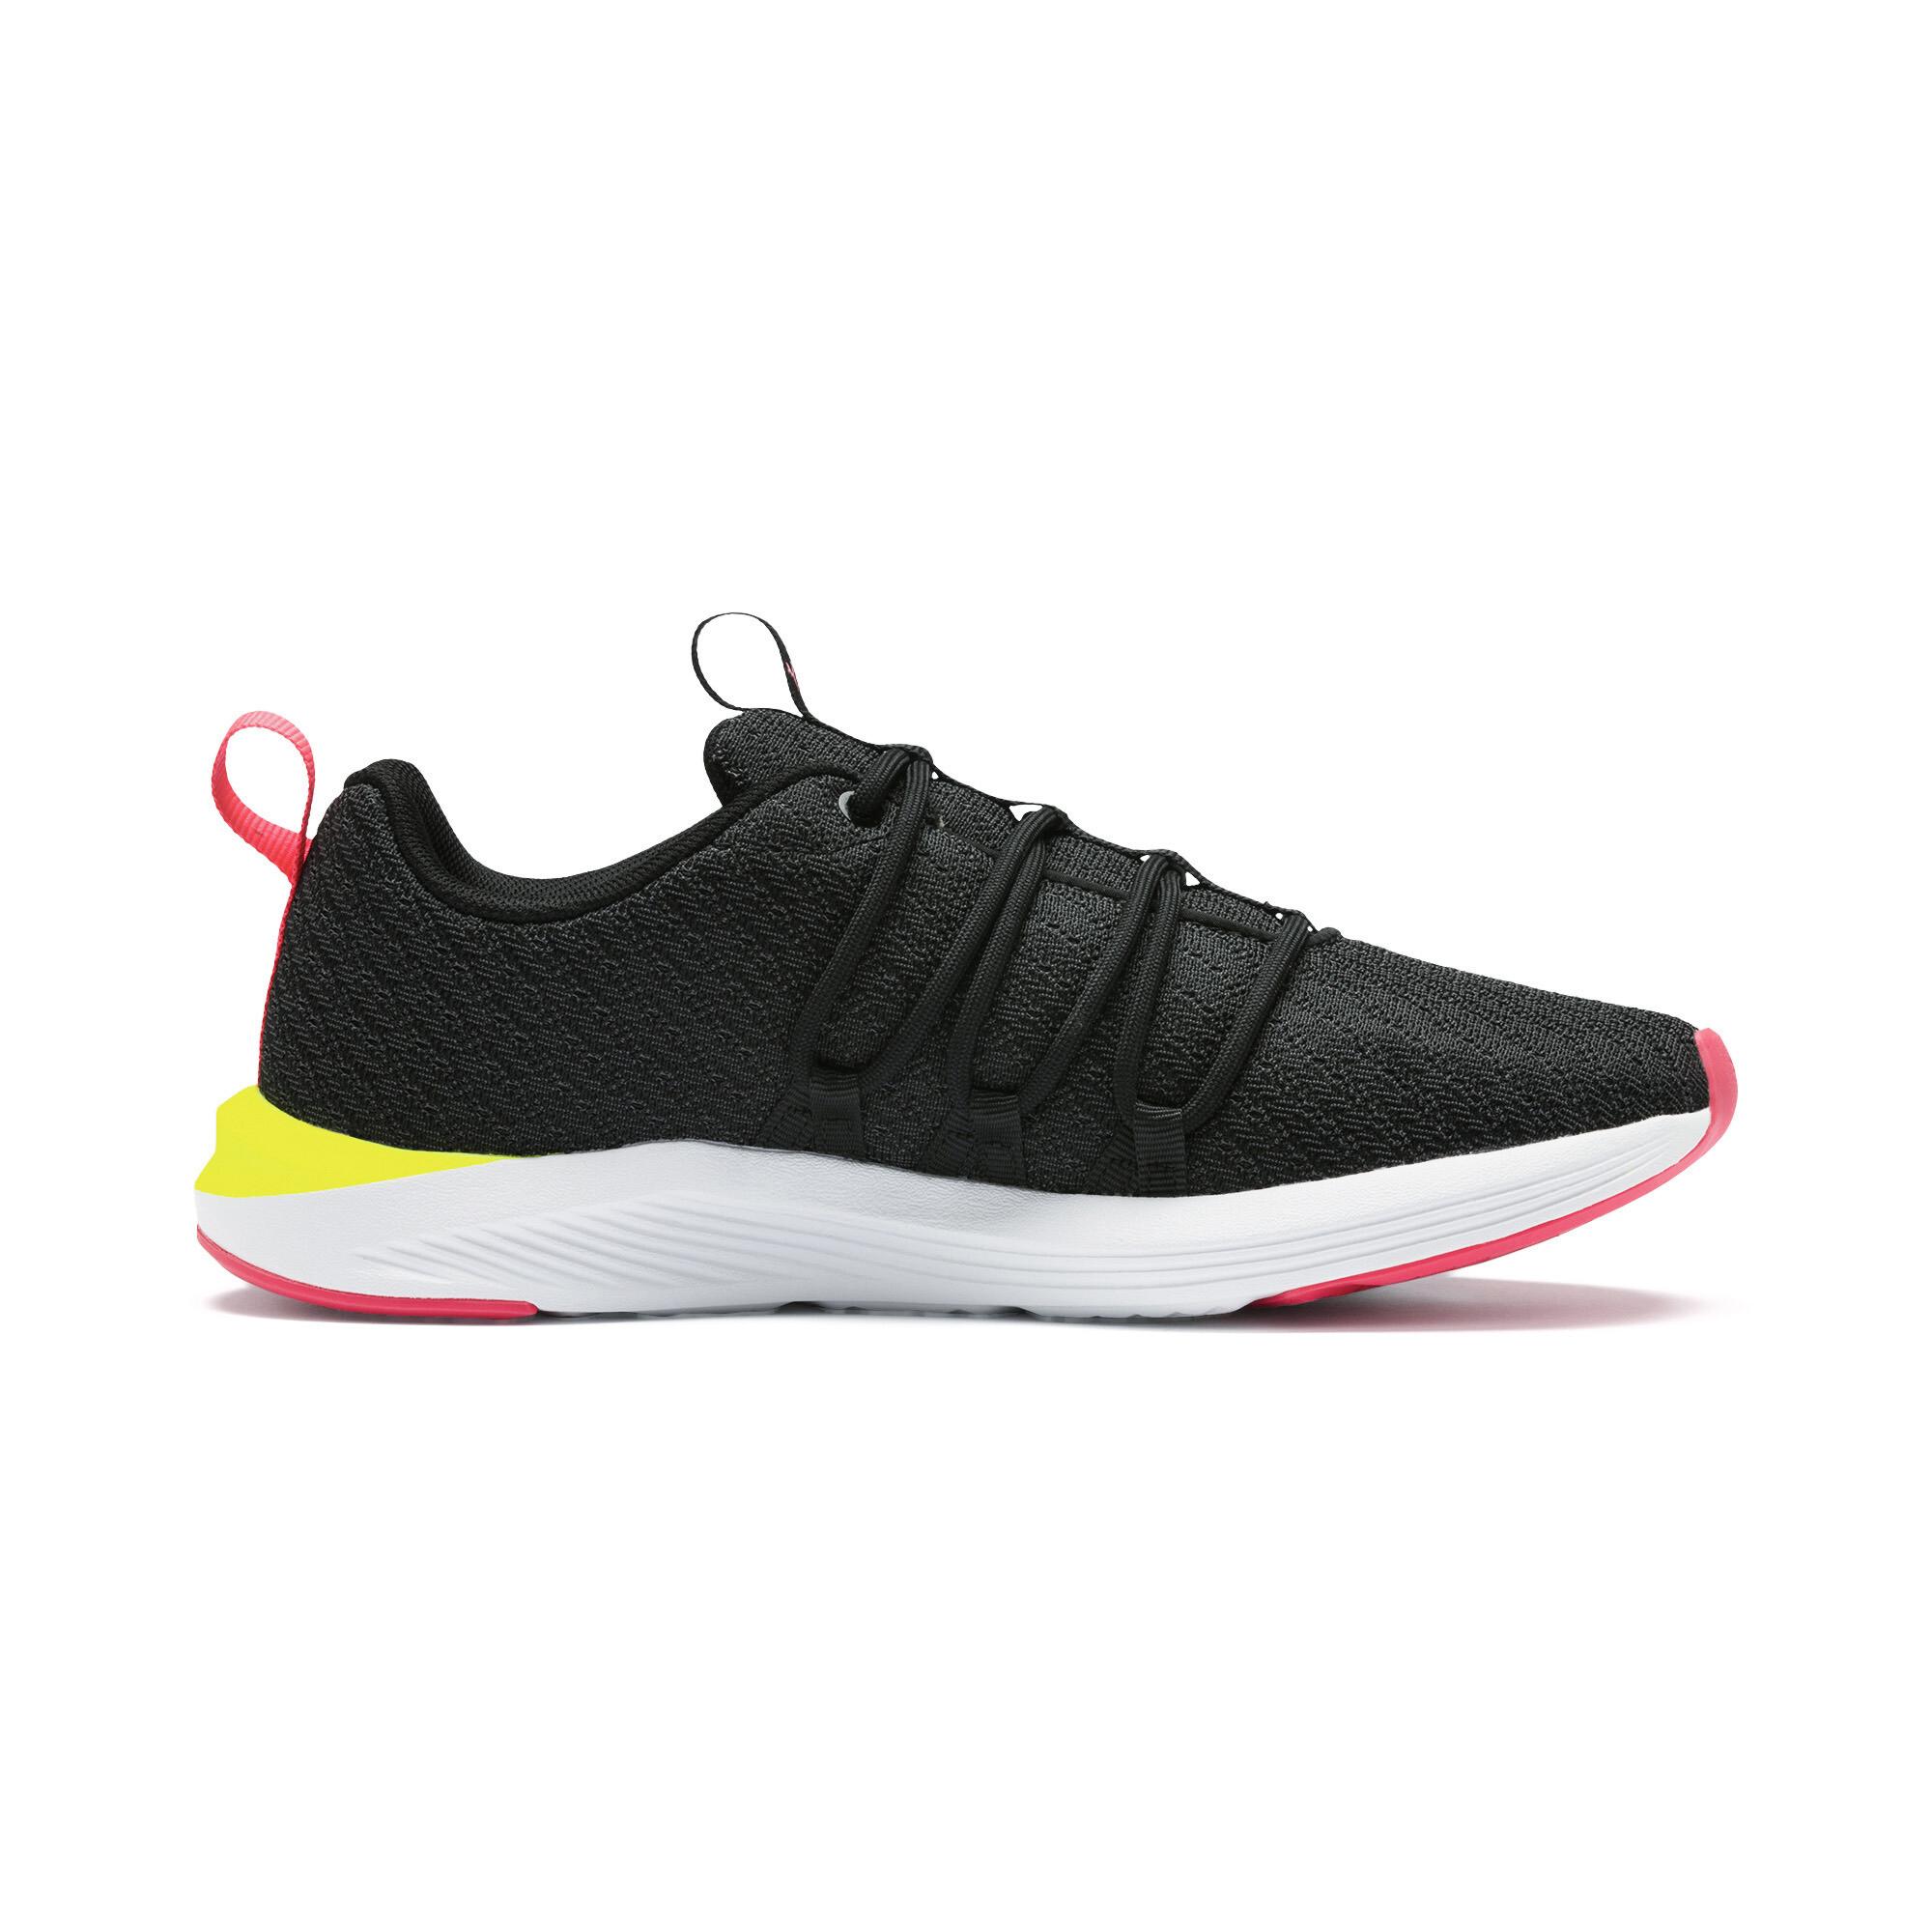 PUMA-Prowl-Alt-Neon-Women-s-Training-Shoes-Women-Shoe-Training thumbnail 7